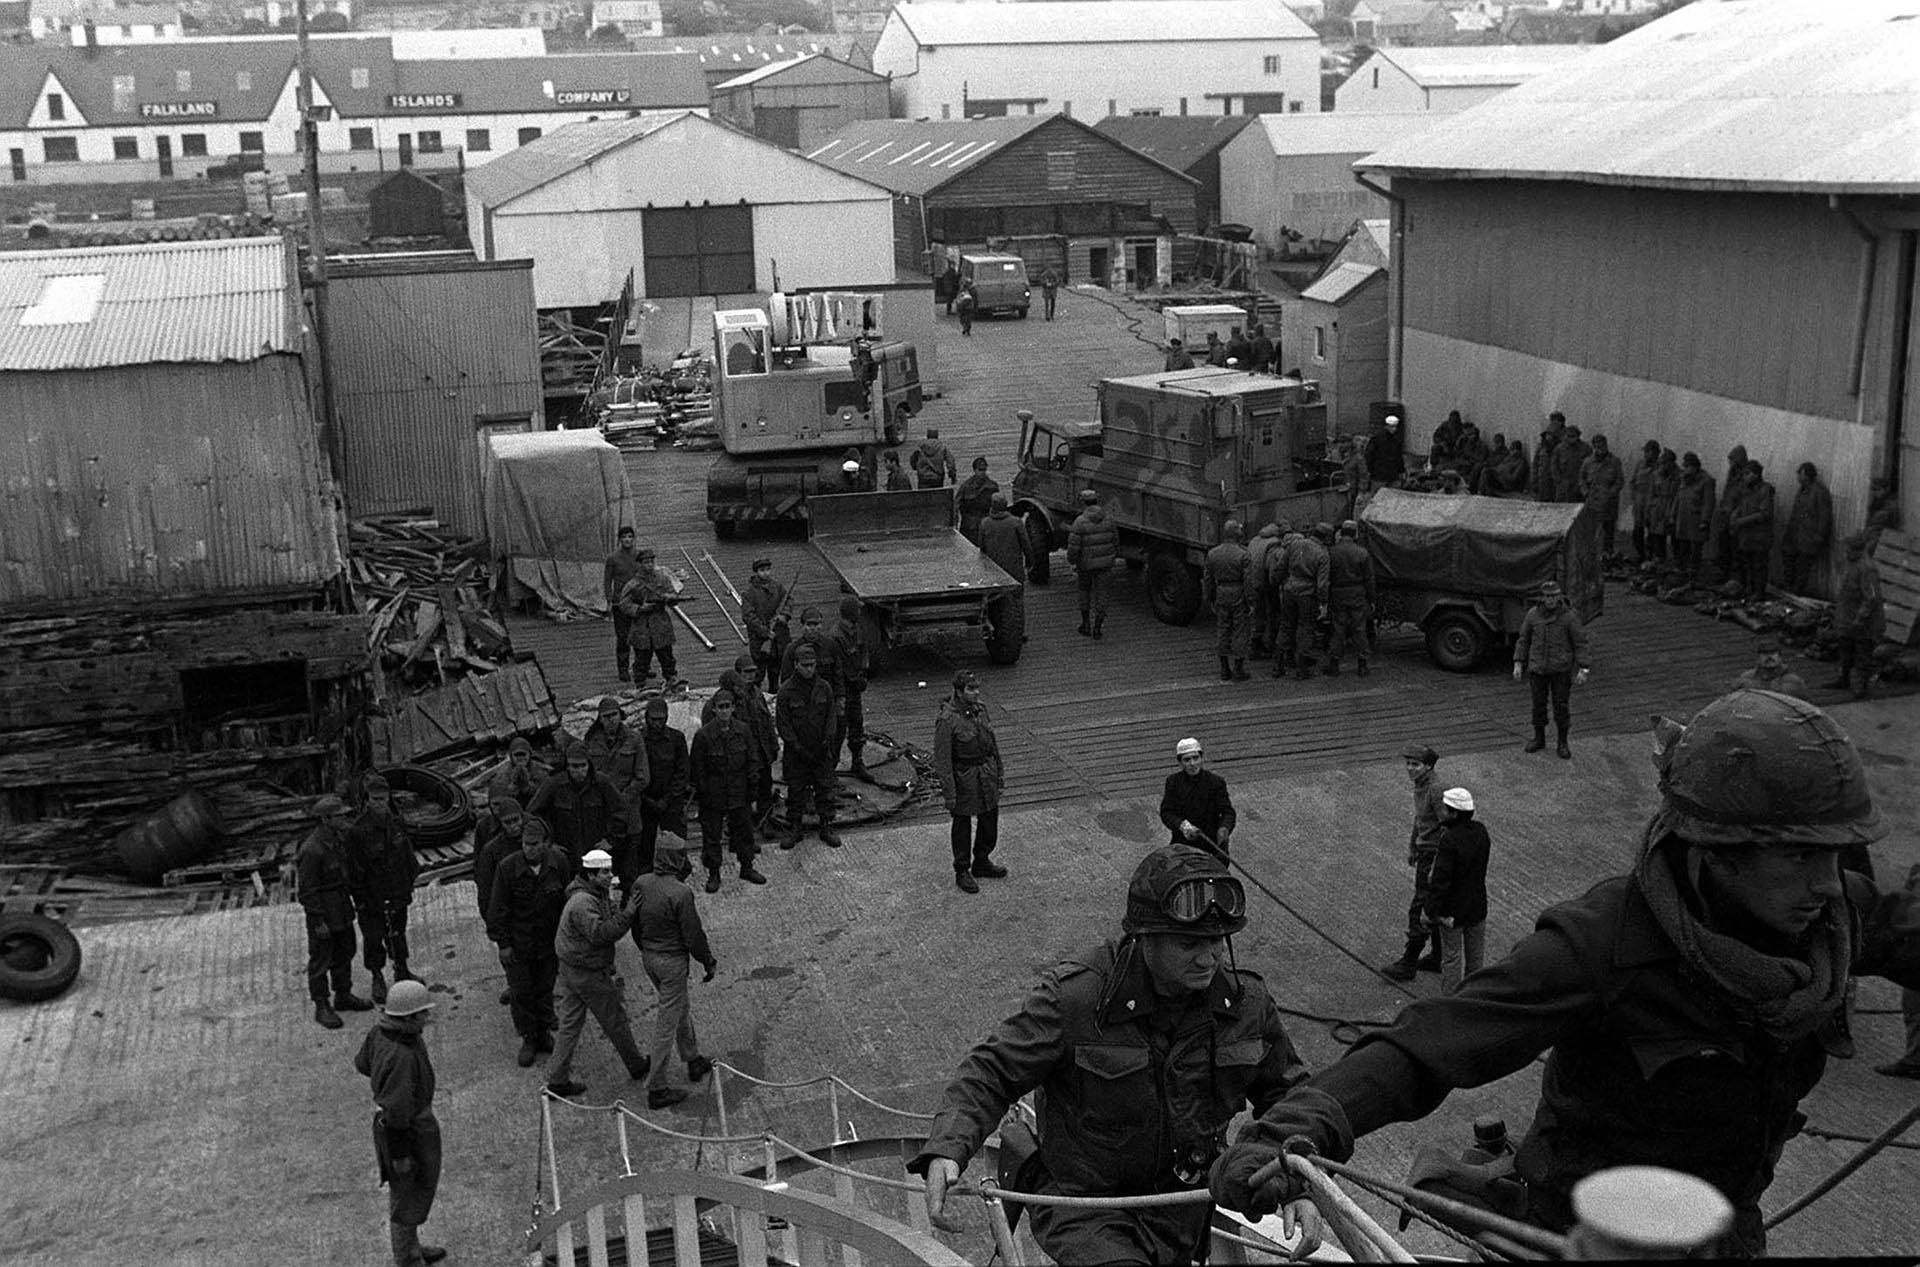 En elApostaderode Puerto Argentino ya bajaron los hombres del Batallón de Infantería de Marina 5 y del Regimiento de Infantería 25 del Ejército, que tomaron el aeropuerto y avanzaron sobre la ciudad (Foto: Telam / Román von Eckstein).